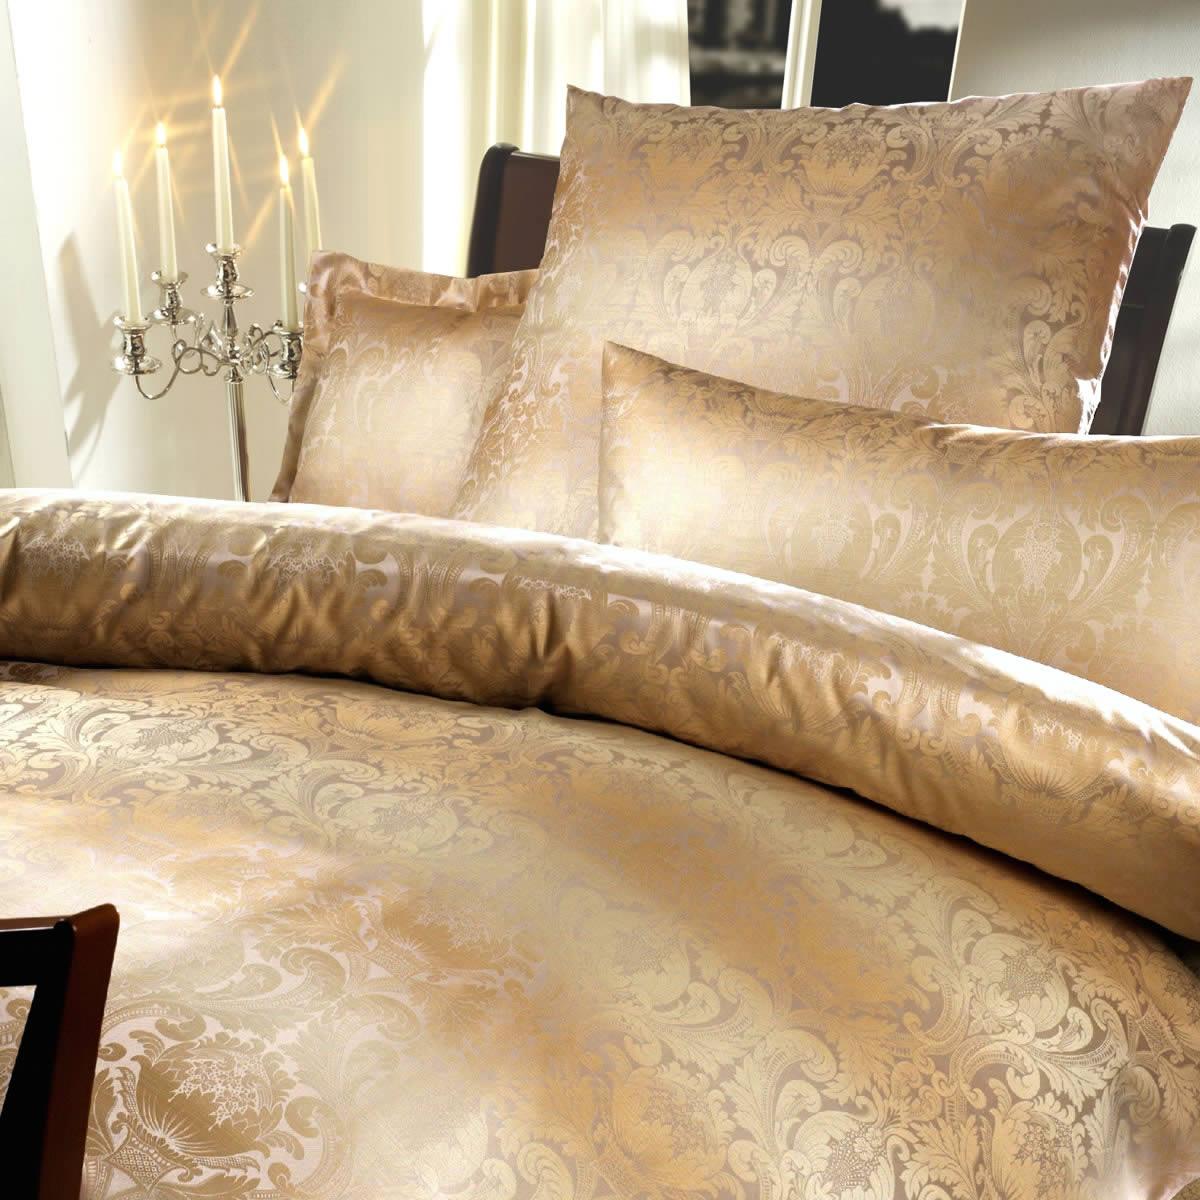 cb bauer bettw sche kleiderschr nke bestellen bettw sche. Black Bedroom Furniture Sets. Home Design Ideas